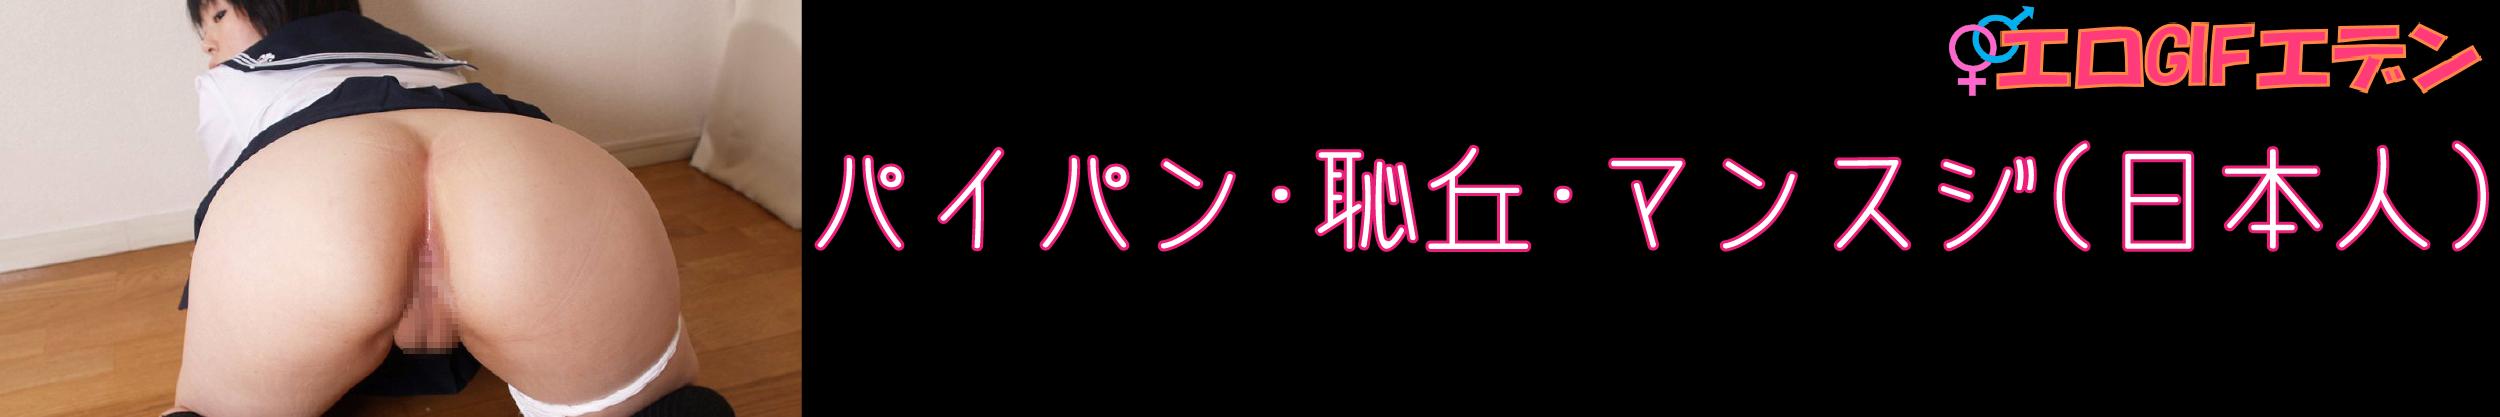 パイパン・恥丘・マンスジ(日本人)_アートボード 1_アートボード 1_アートボード 1_アートボード 1_アートボード 1_アートボード 1_アートボード 1_アートボード 1_アートボード 1_アートボード 1